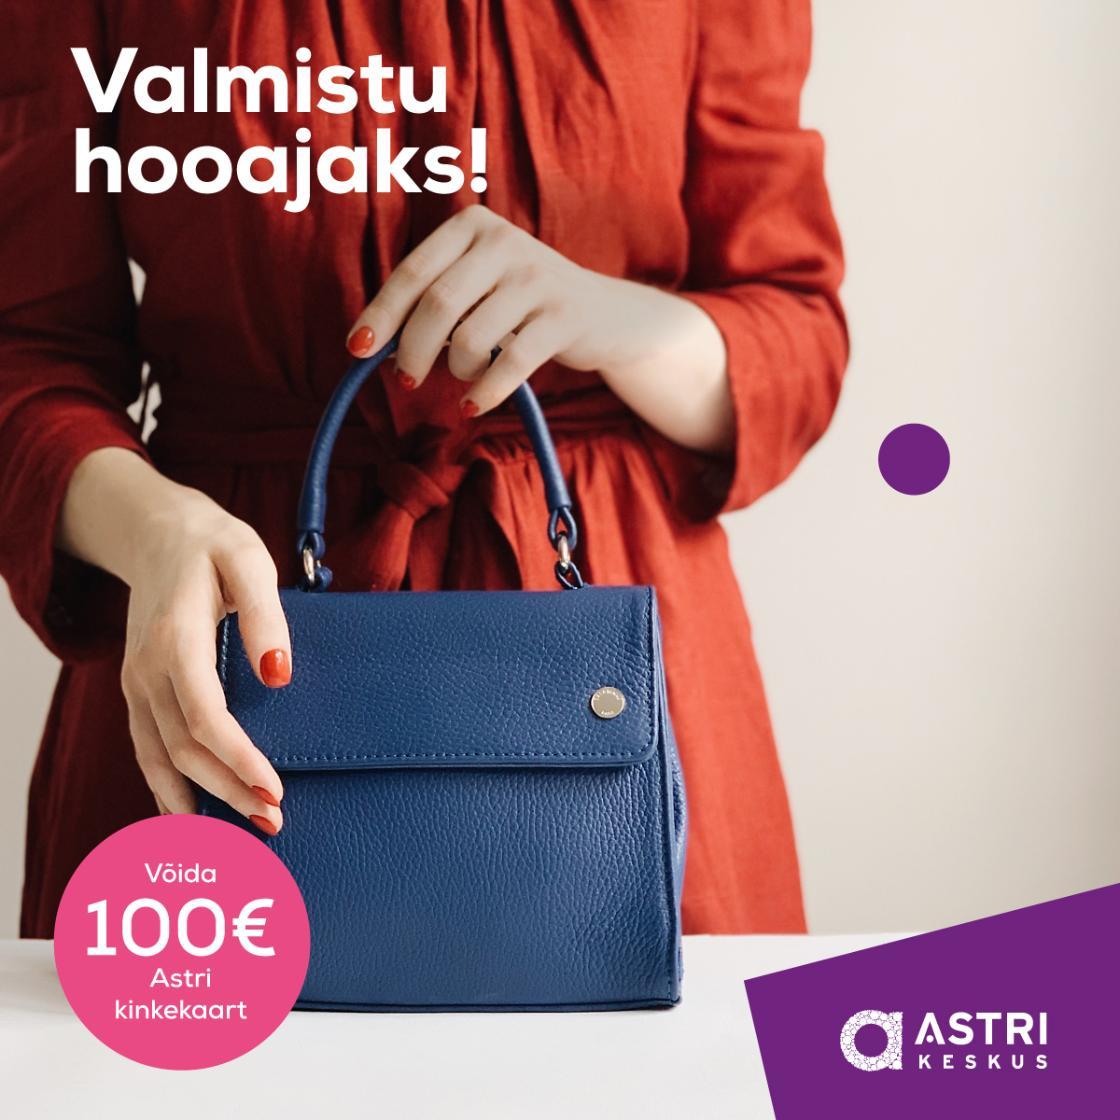 Ostle Astri Keskuses ja võida 100 € Astri kinkekaart